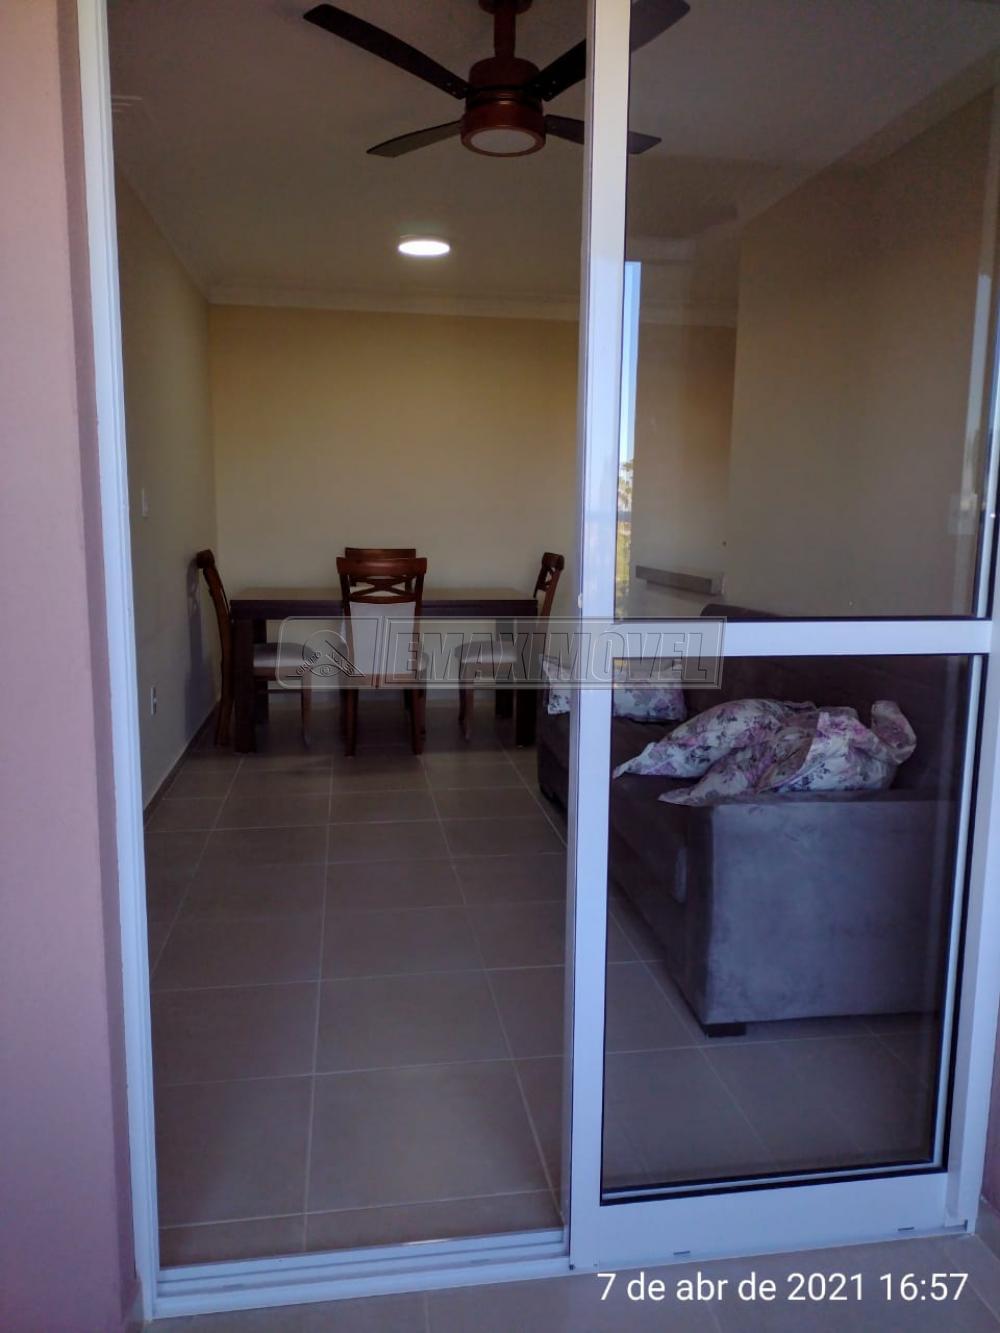 Comprar Apartamentos / Apto Padrão em Sorocaba R$ 280.000,00 - Foto 10